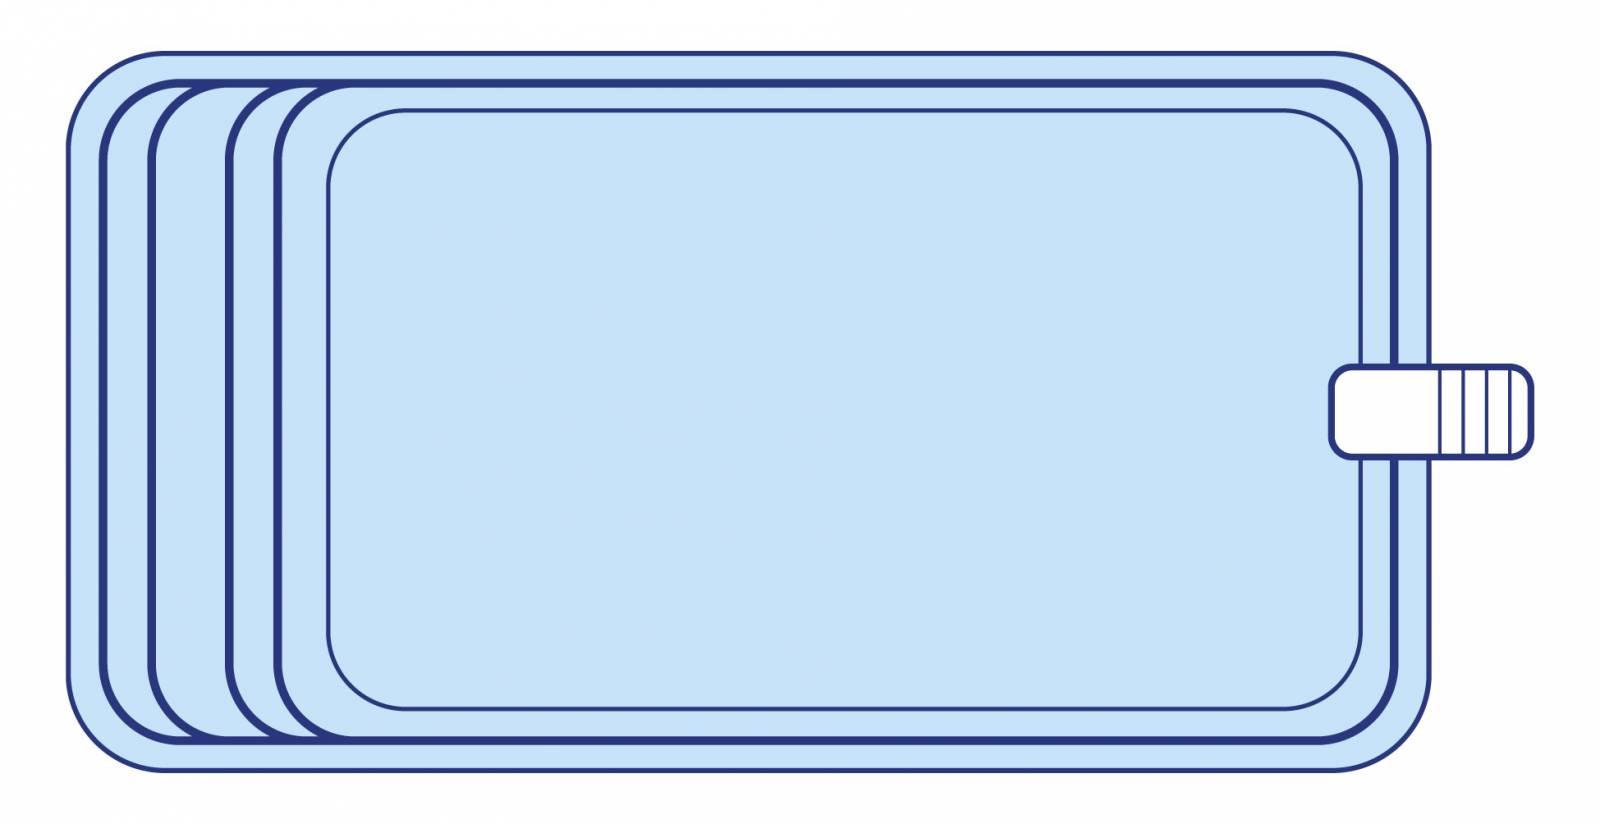 Piscine coque polyester rectangulaire 7x4 environ avec banquette declic r700 bf piscine en ligne for Piscine bois 7x4